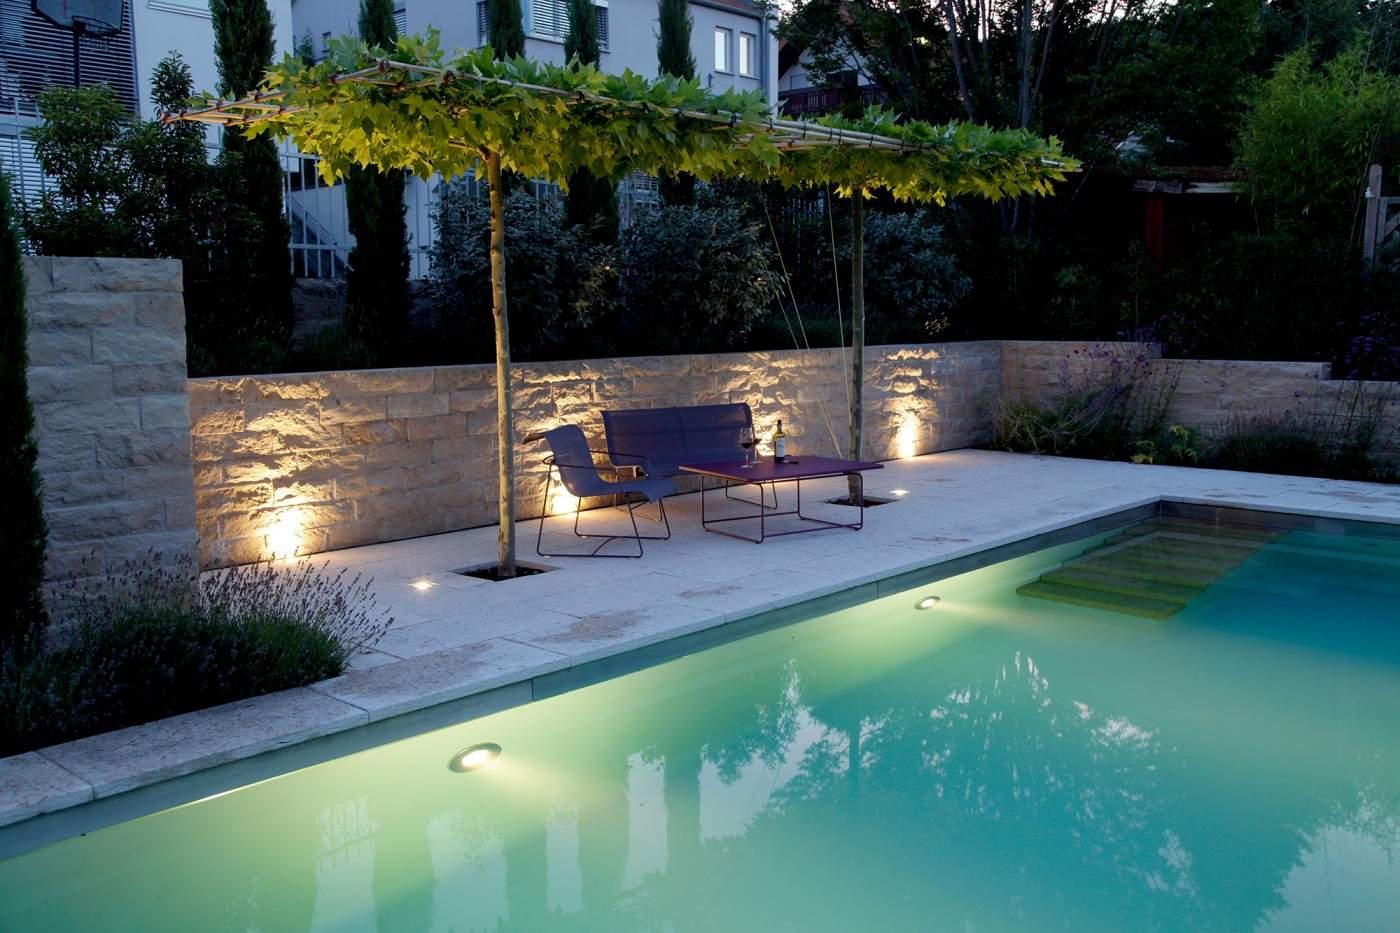 Pool Im Garten Inspirierend Mediterraner Garten Mit Living Pool In Würzburg Referenzen